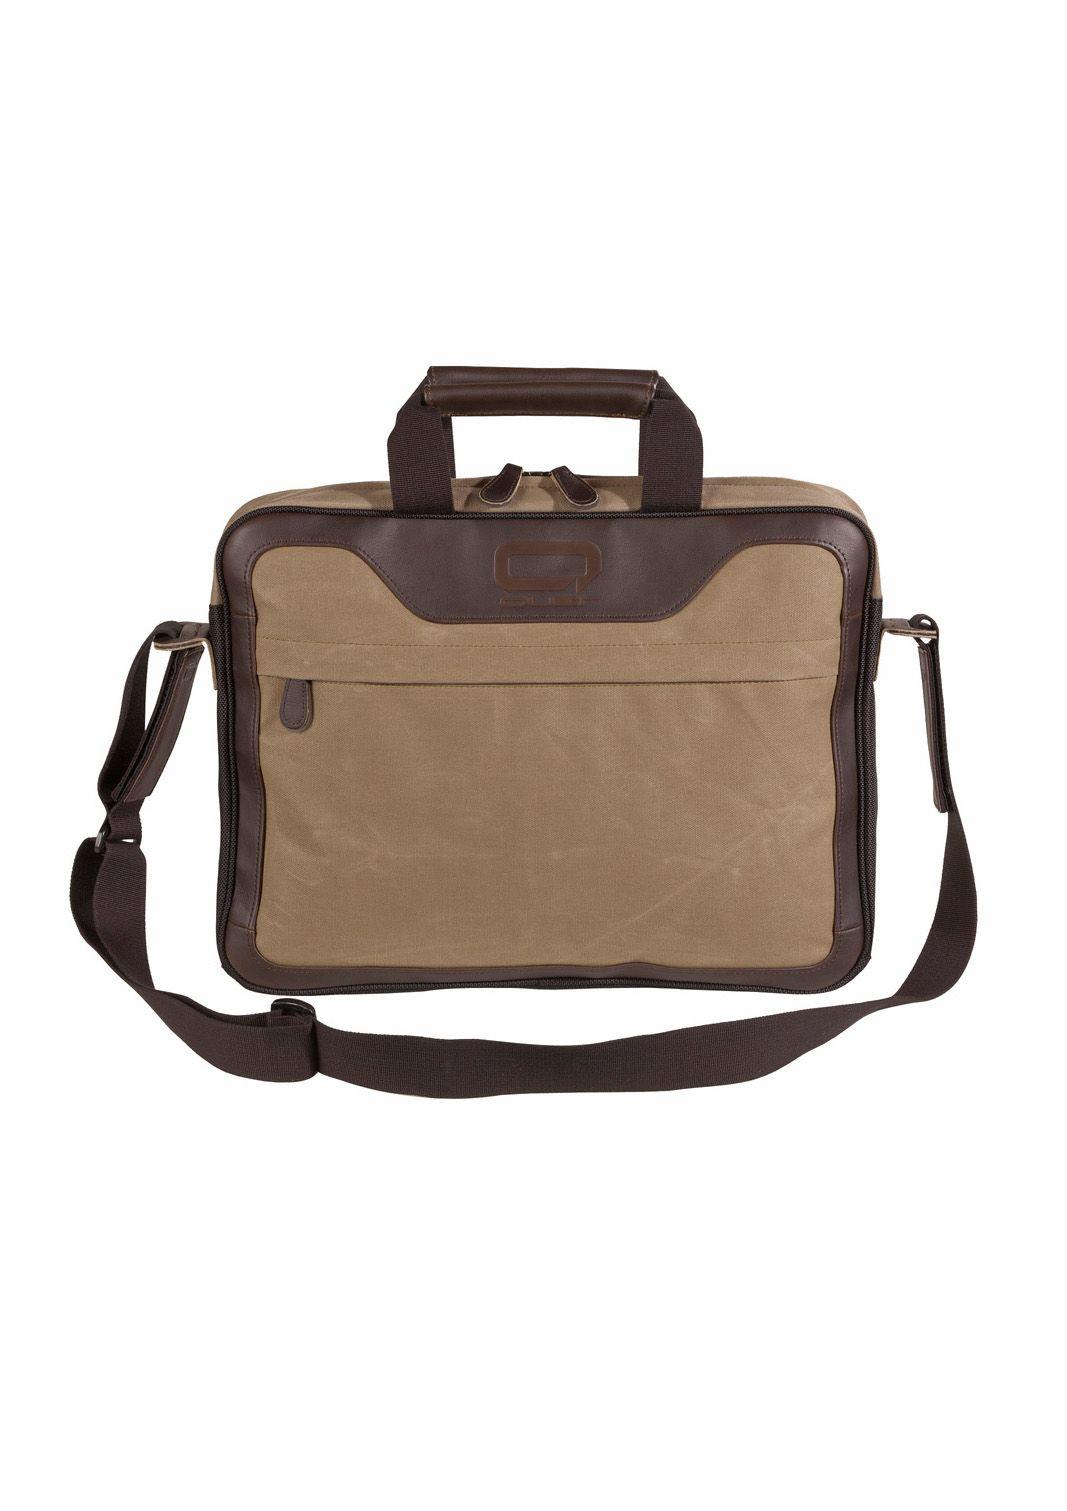 QUER Businesstasche mit Laptopfach, »Querworker Slim Q21«, Quer